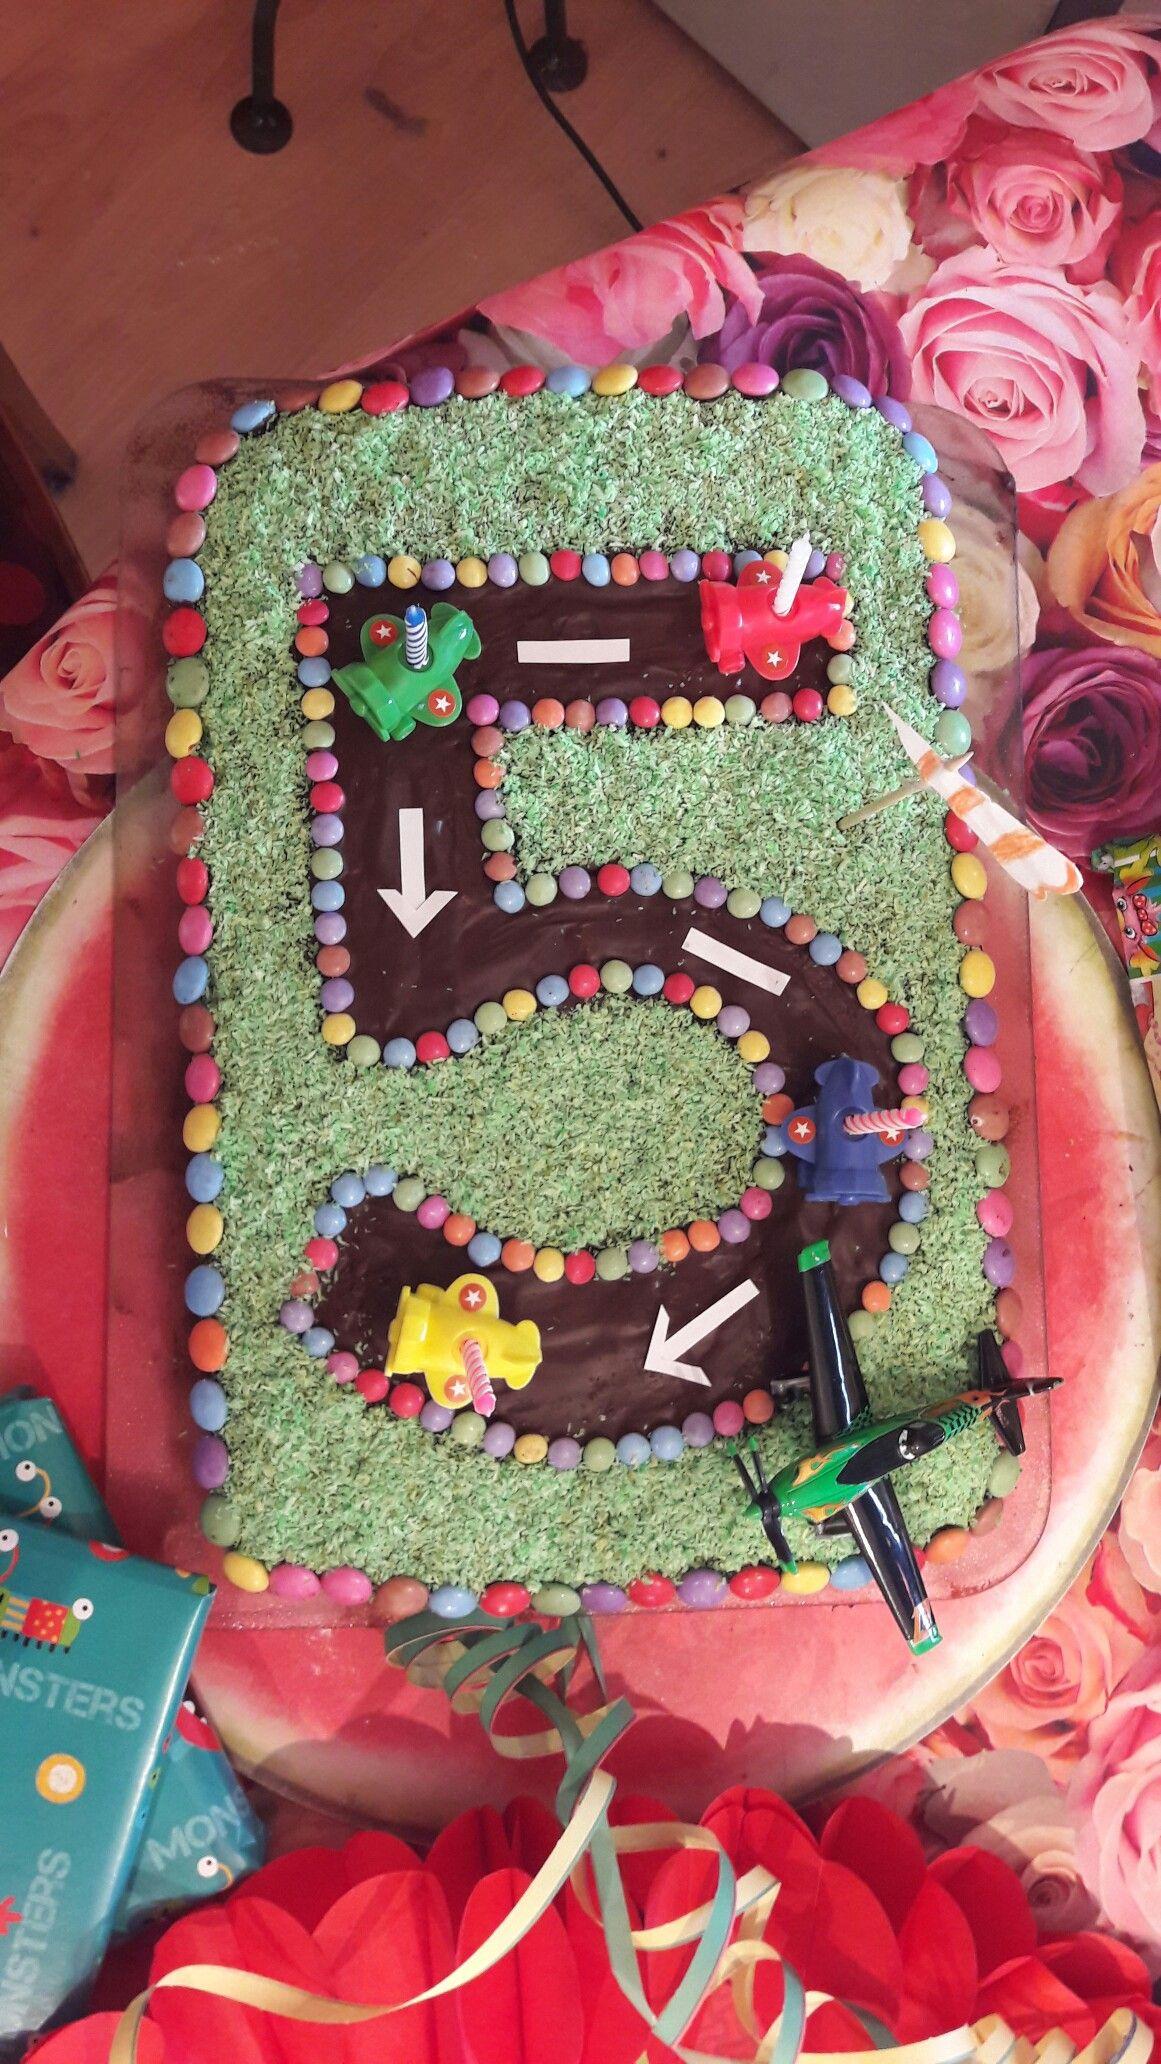 Flugzeug Landebahn Aus Einem Schoko Ruhrteig Uberzogen Wurde Der Kuchen Mit Schokola Geburtstagskuchen Kinder Kuchen Flugzeug Geburtstag Flugzeugs Geburtstag